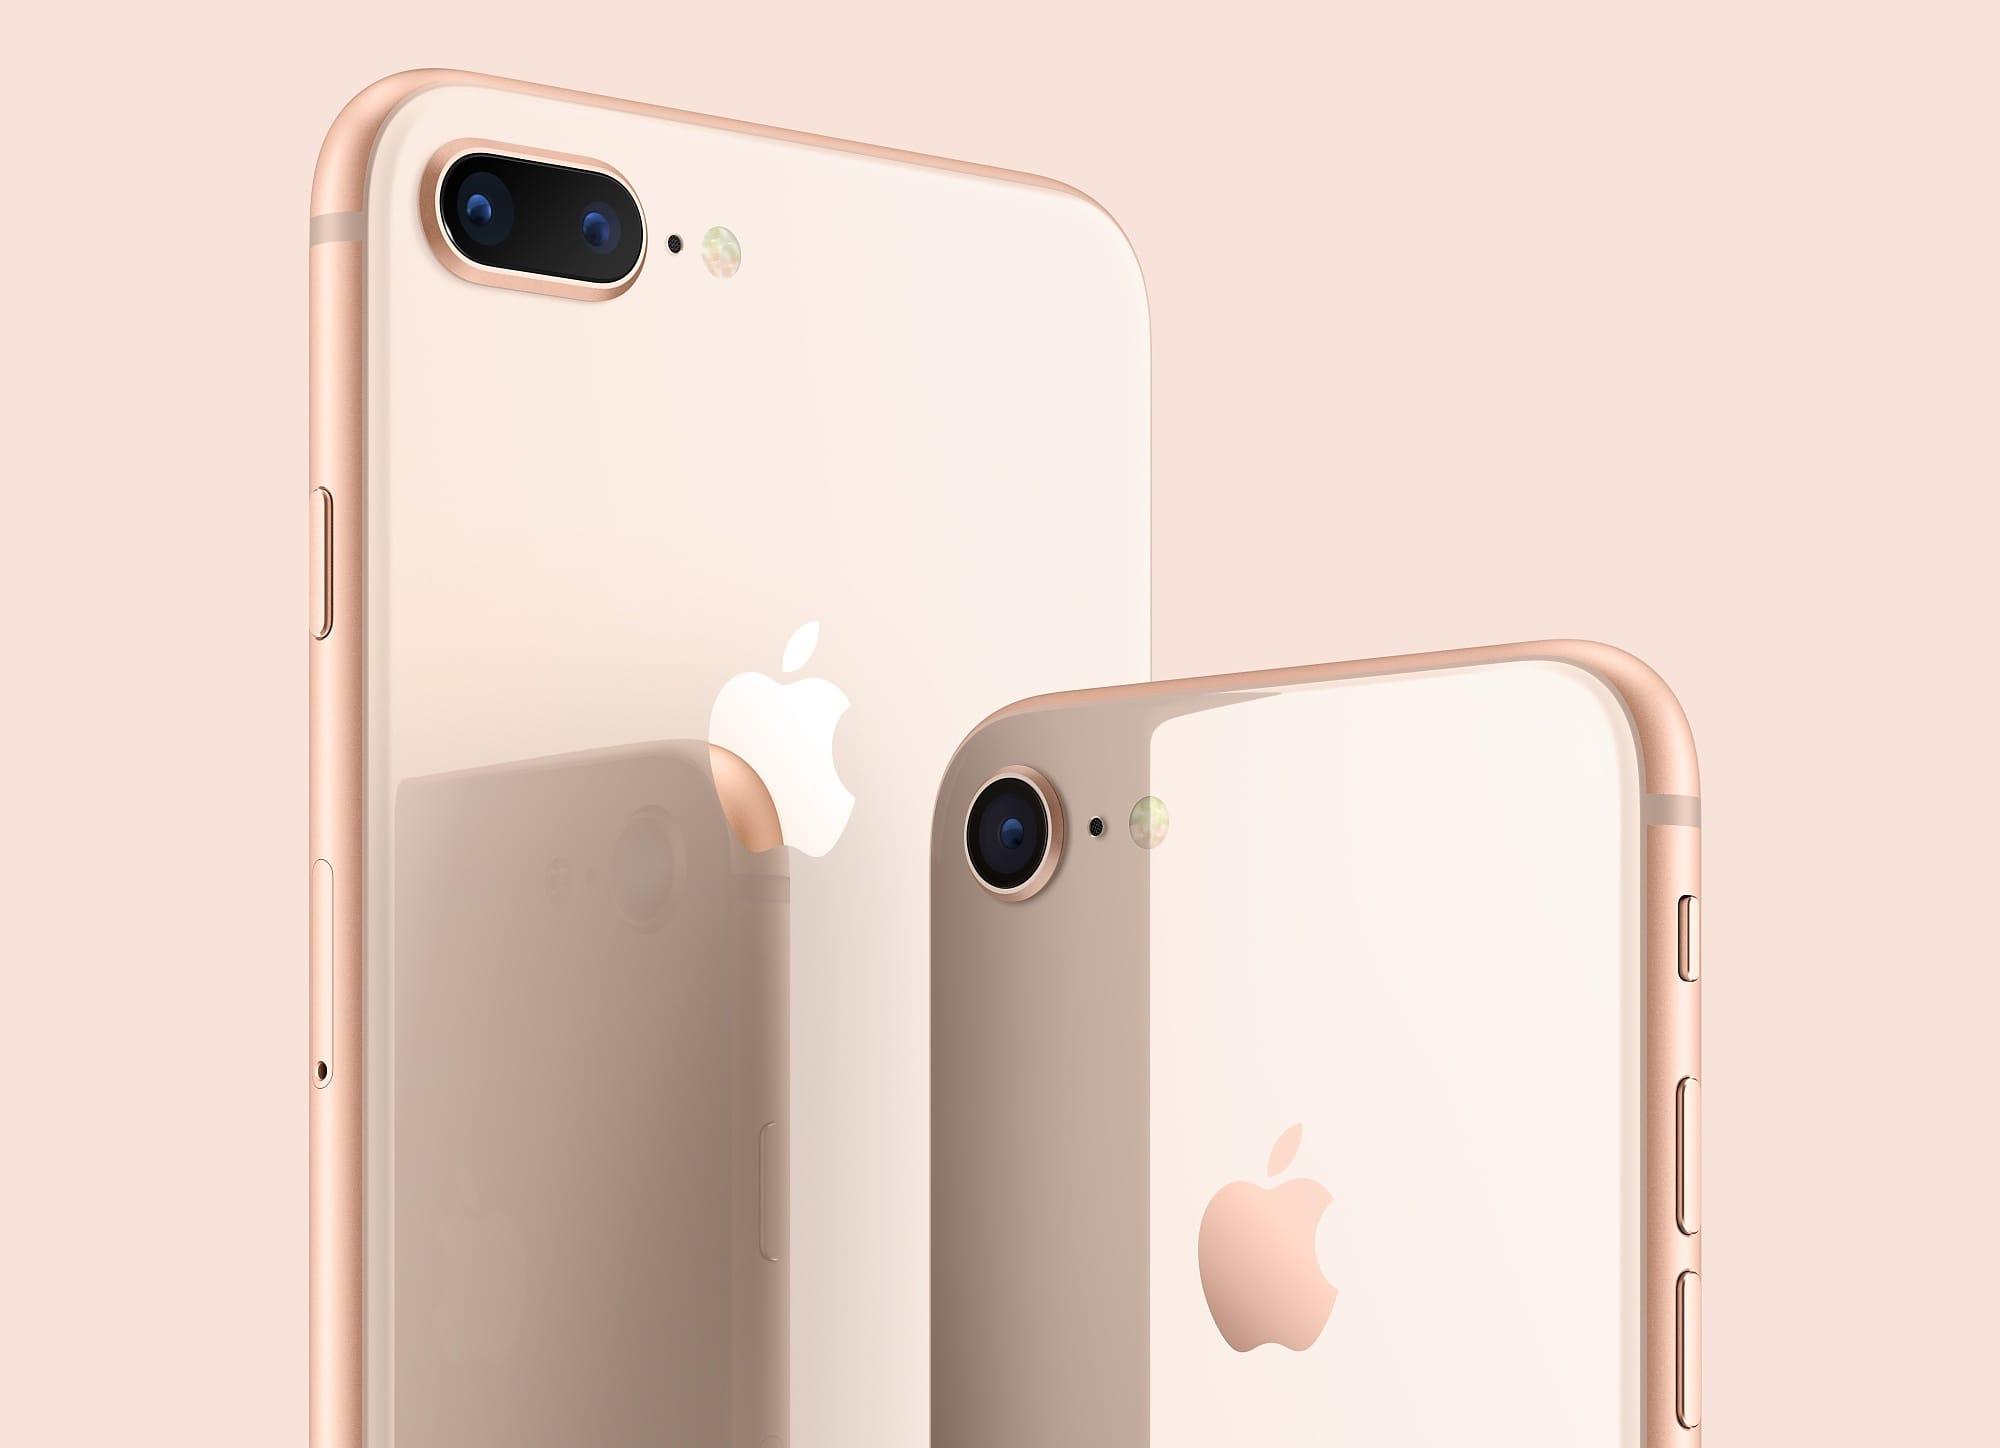 Магазин «Связной» обрушил цены наiPhone 8 иiPhone 8 Plus